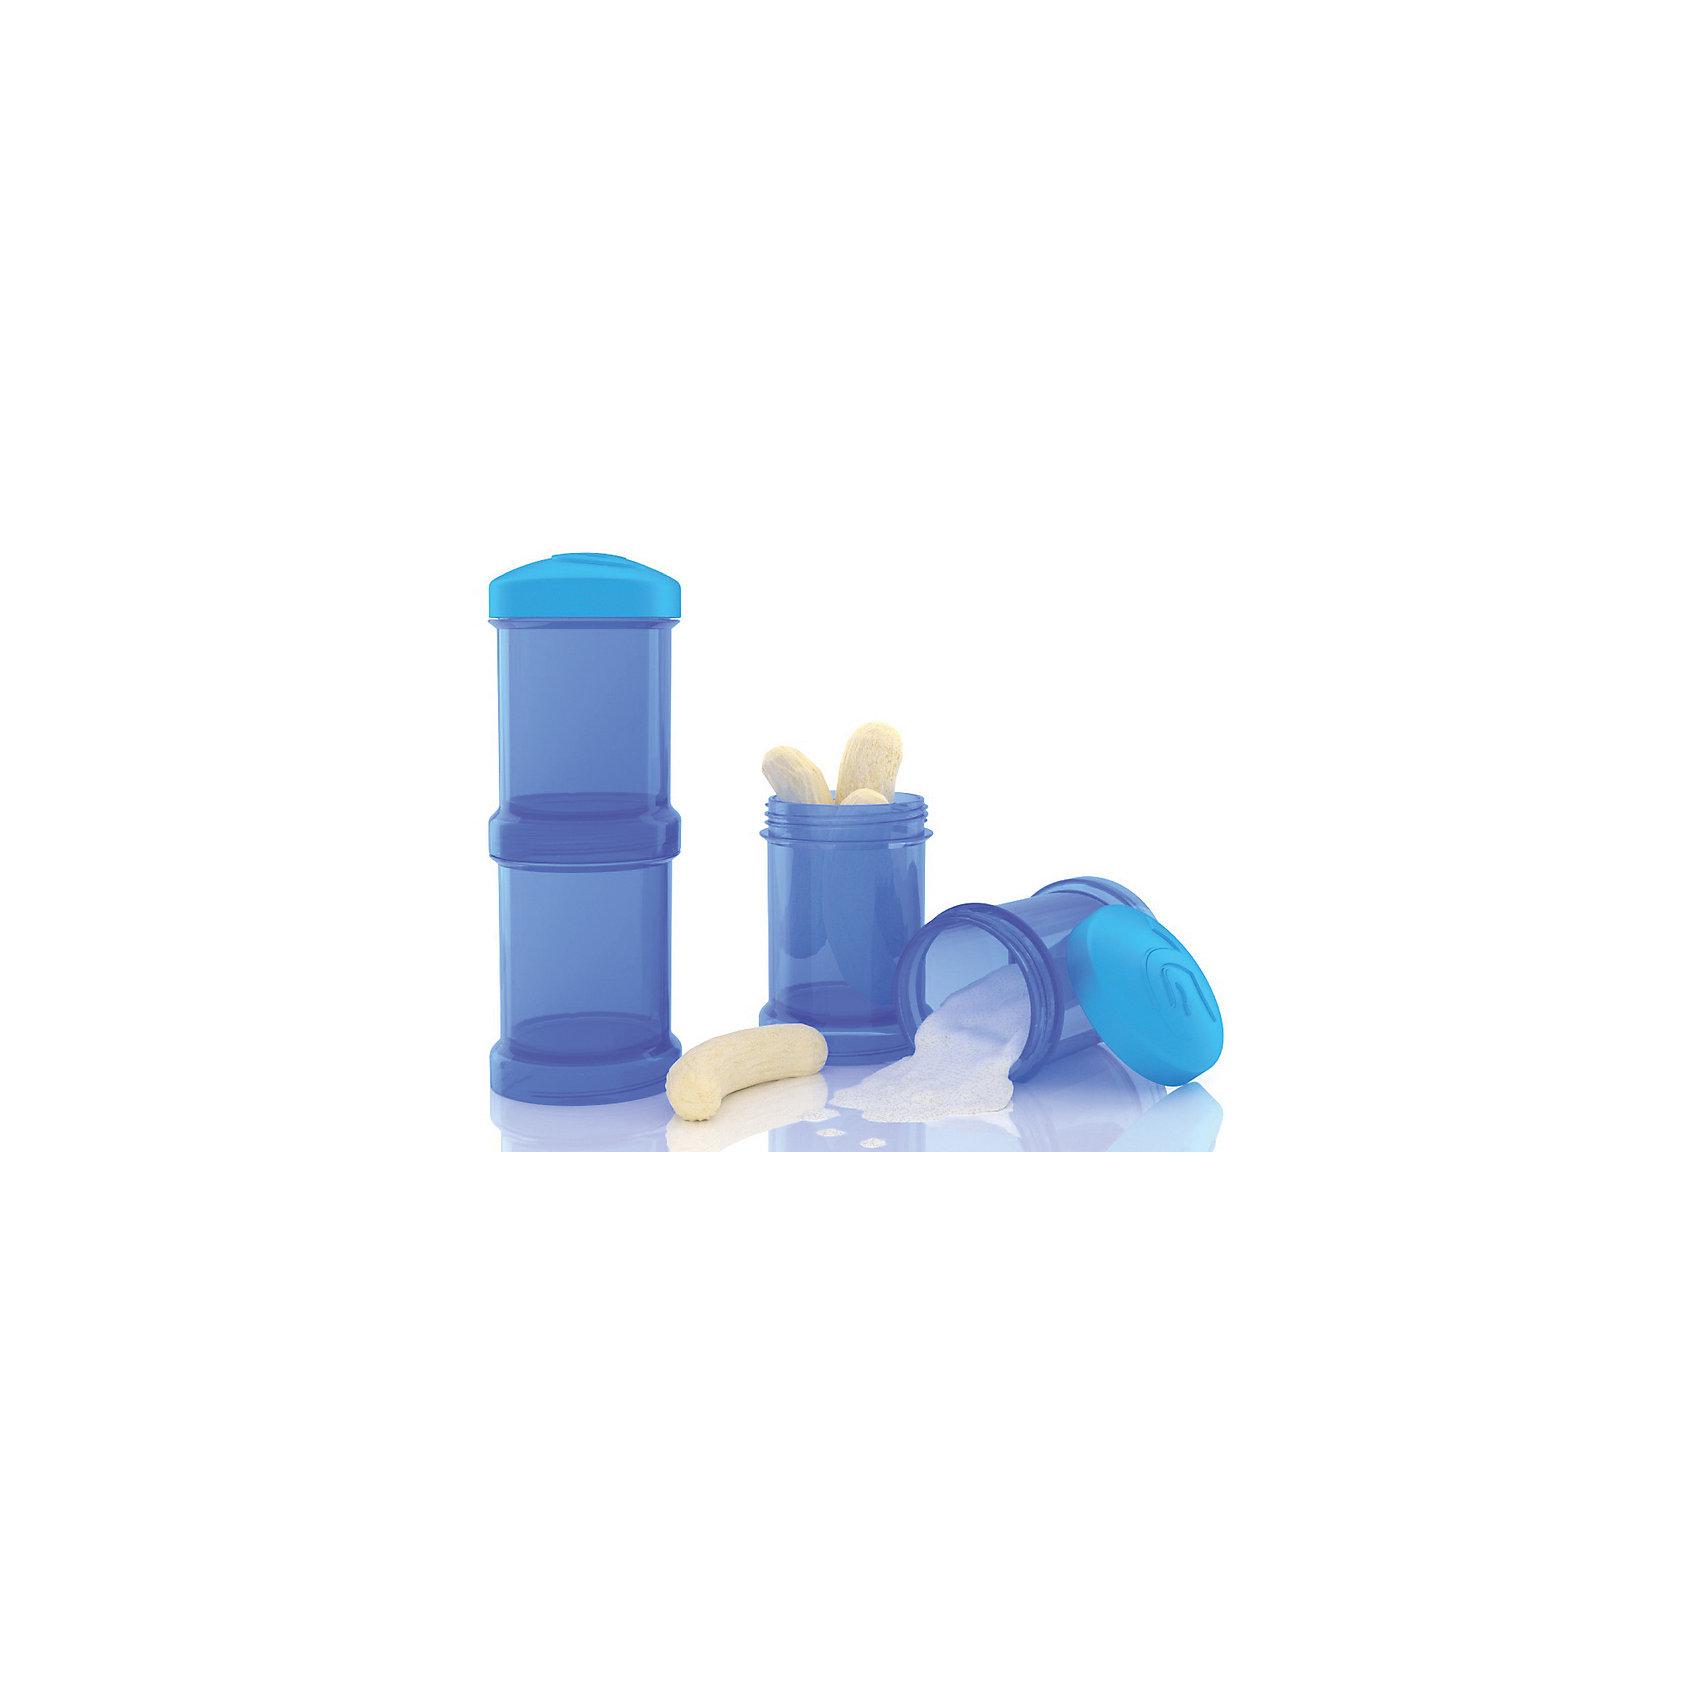 Контейнер для сухой смеси 100 мл. 2 шт., TwistShake, синийПосуда для малышей<br>Контейнер для сухой смеси 100 мл. 2 шт., синий от шведского бренда Twistshake (Твистшейк), придет по вкусу малышам и современным родителям. Эти контейнеры прекрасно подходят для хранения детской смеси и оптимальны в использовании, их горлышко меньше горлышка любых бутылочек Twistshake (Твистшейк), потому позволяют пересыпать смесь без просыпания. Контейнеры также подходят для хранения каш, фруктов, сухофруктов, печенья или других необходимых на прогулке или в дороге продуктов. Материал контейнеров не содержит бисфенол А. Удобная форма горлышка обеспечивает доступ к полной промывки контейнера, можно стерилизовать как холодным, так и горячим методами. <br><br>Дополнительная информация:<br><br>- В комплект входит: два контейнера по 100 мл. <br>- Состав: 100% пропиллен<br><br>Контейнер для сухой смеси 100 мл. 2 шт., TwistShake, синий можно купить в нашем интернет-магазине.<br>Подробнее:<br>• Для детей в возрасте: от 0 лет <br>• Номер товара: 4976057<br>Страна производитель: Китай<br><br>Ширина мм: 55<br>Глубина мм: 55<br>Высота мм: 150<br>Вес г: 75<br>Возраст от месяцев: 0<br>Возраст до месяцев: 36<br>Пол: Унисекс<br>Возраст: Детский<br>SKU: 4976057